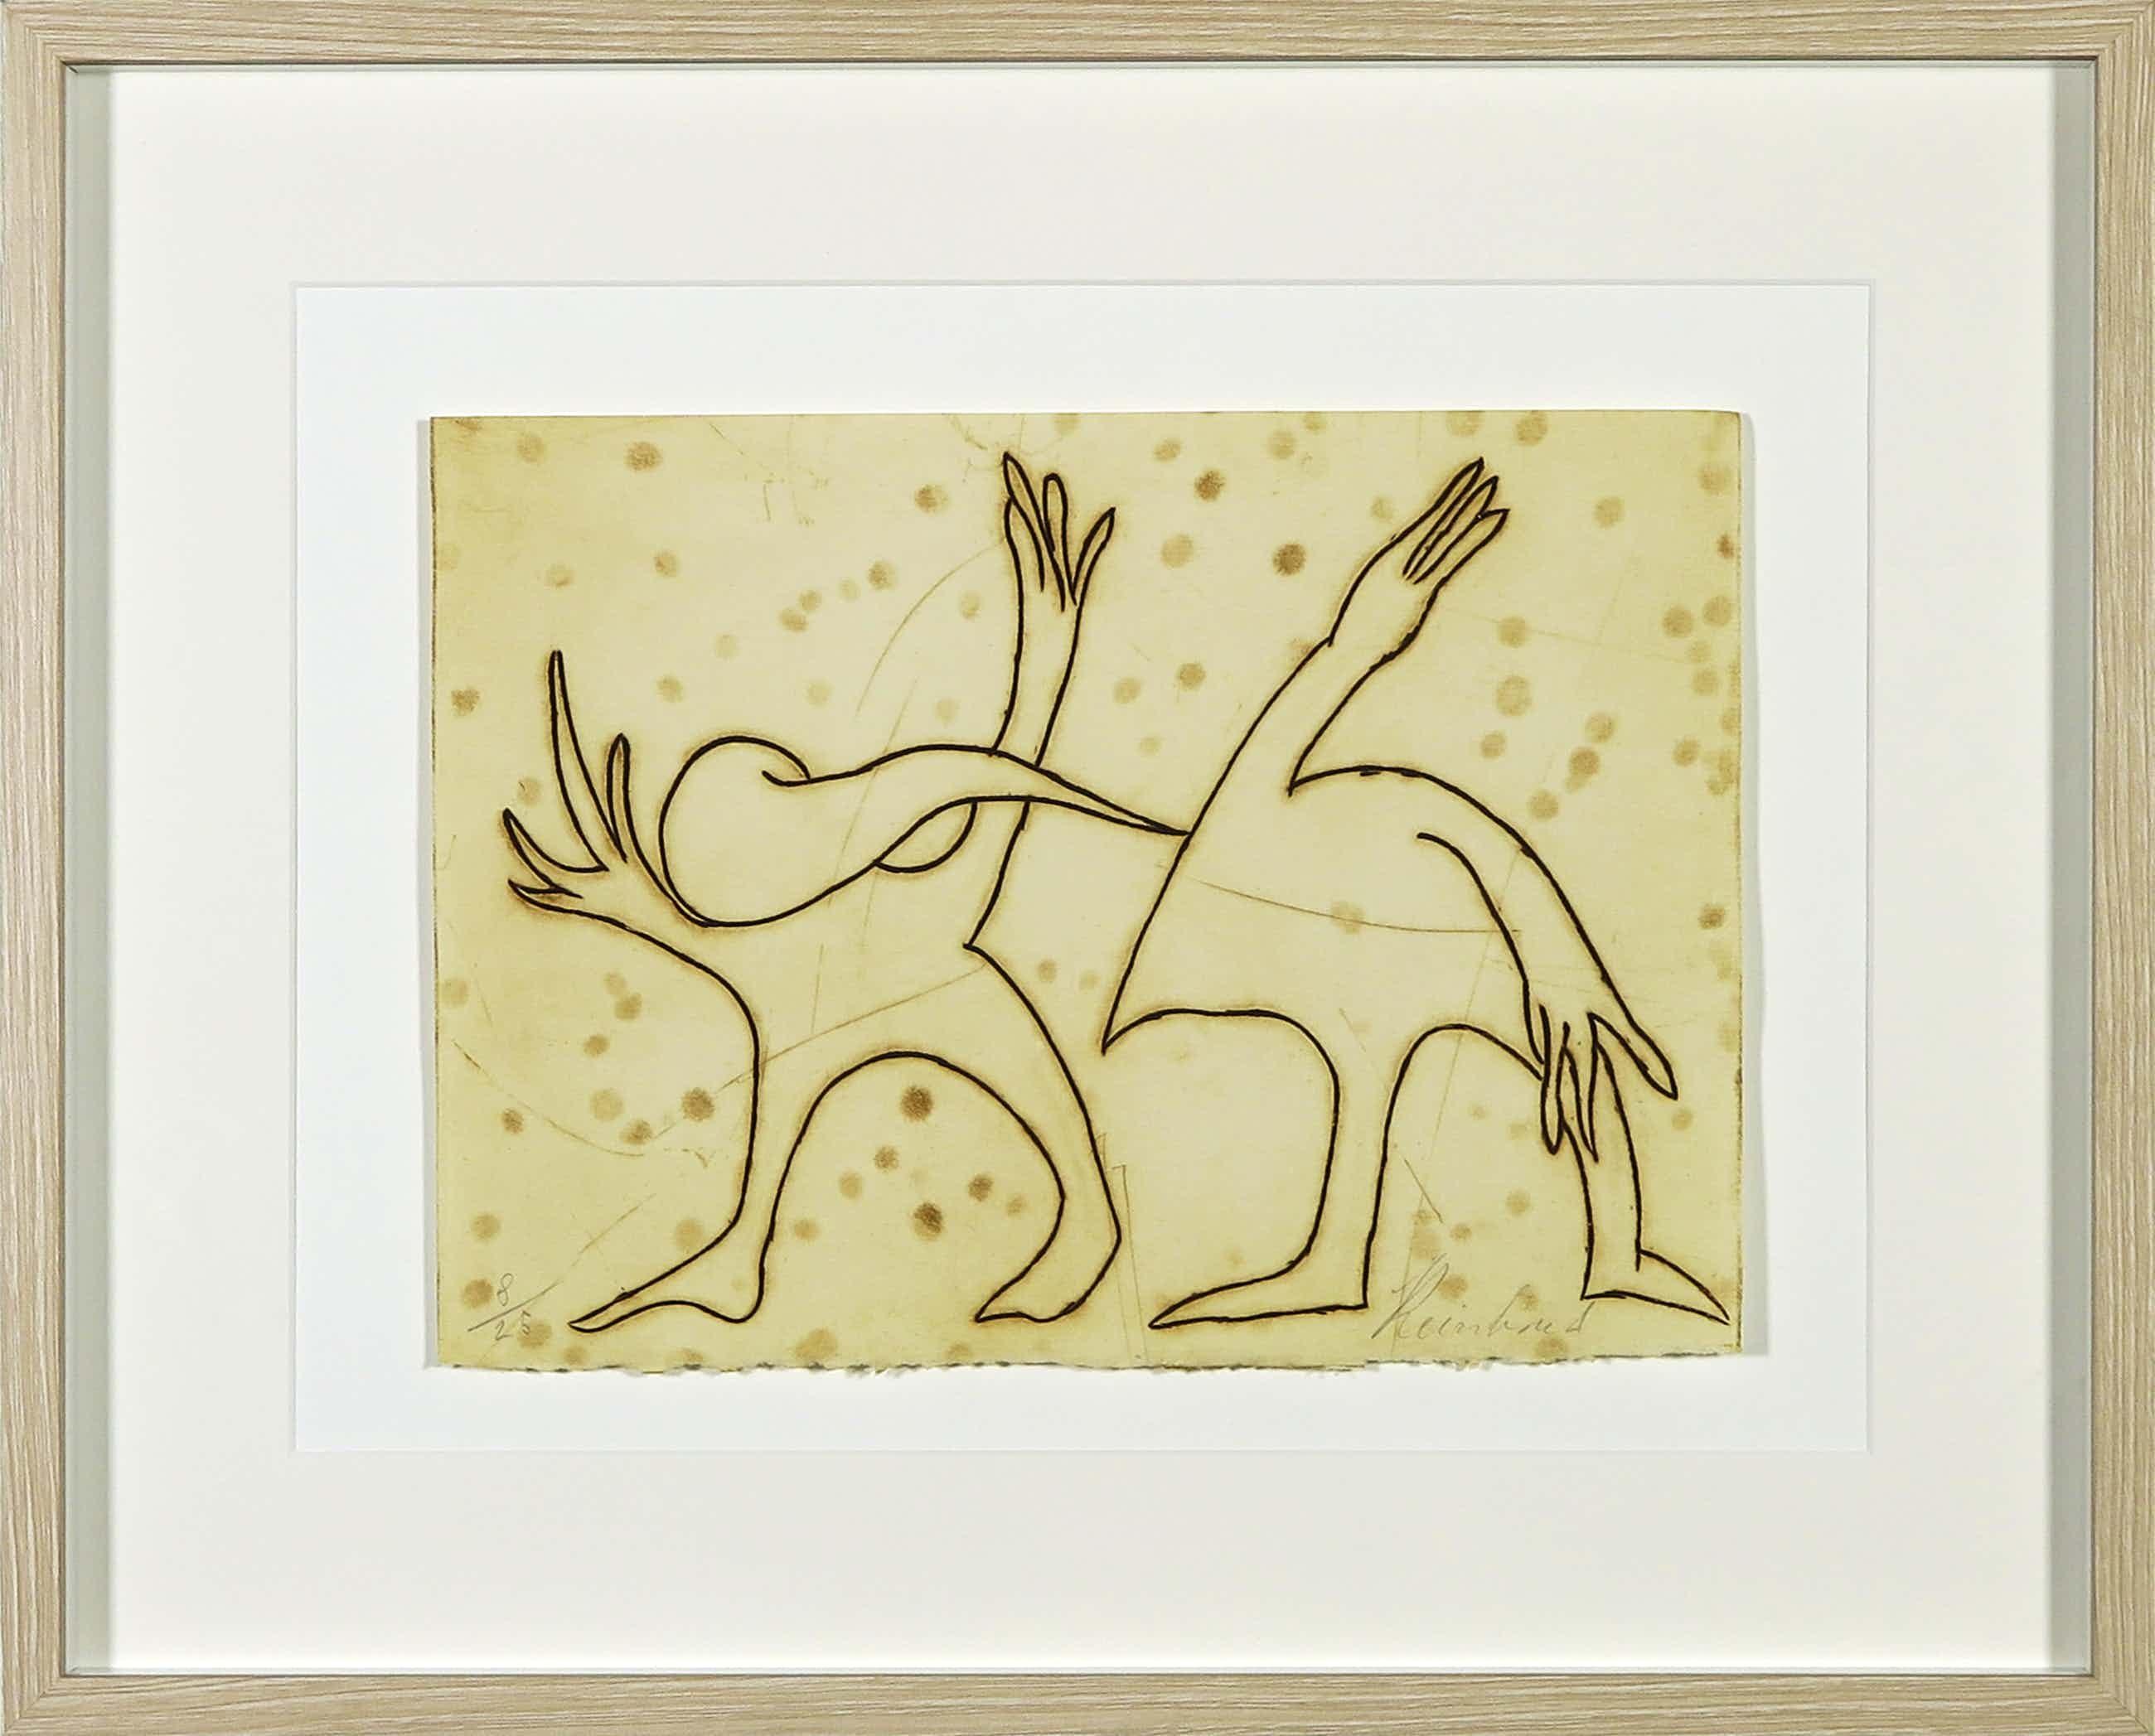 Reinhoud D'Haese - Ets uitgegeven door Avant Galleries New York - Ingelijst kopen? Bied vanaf 110!